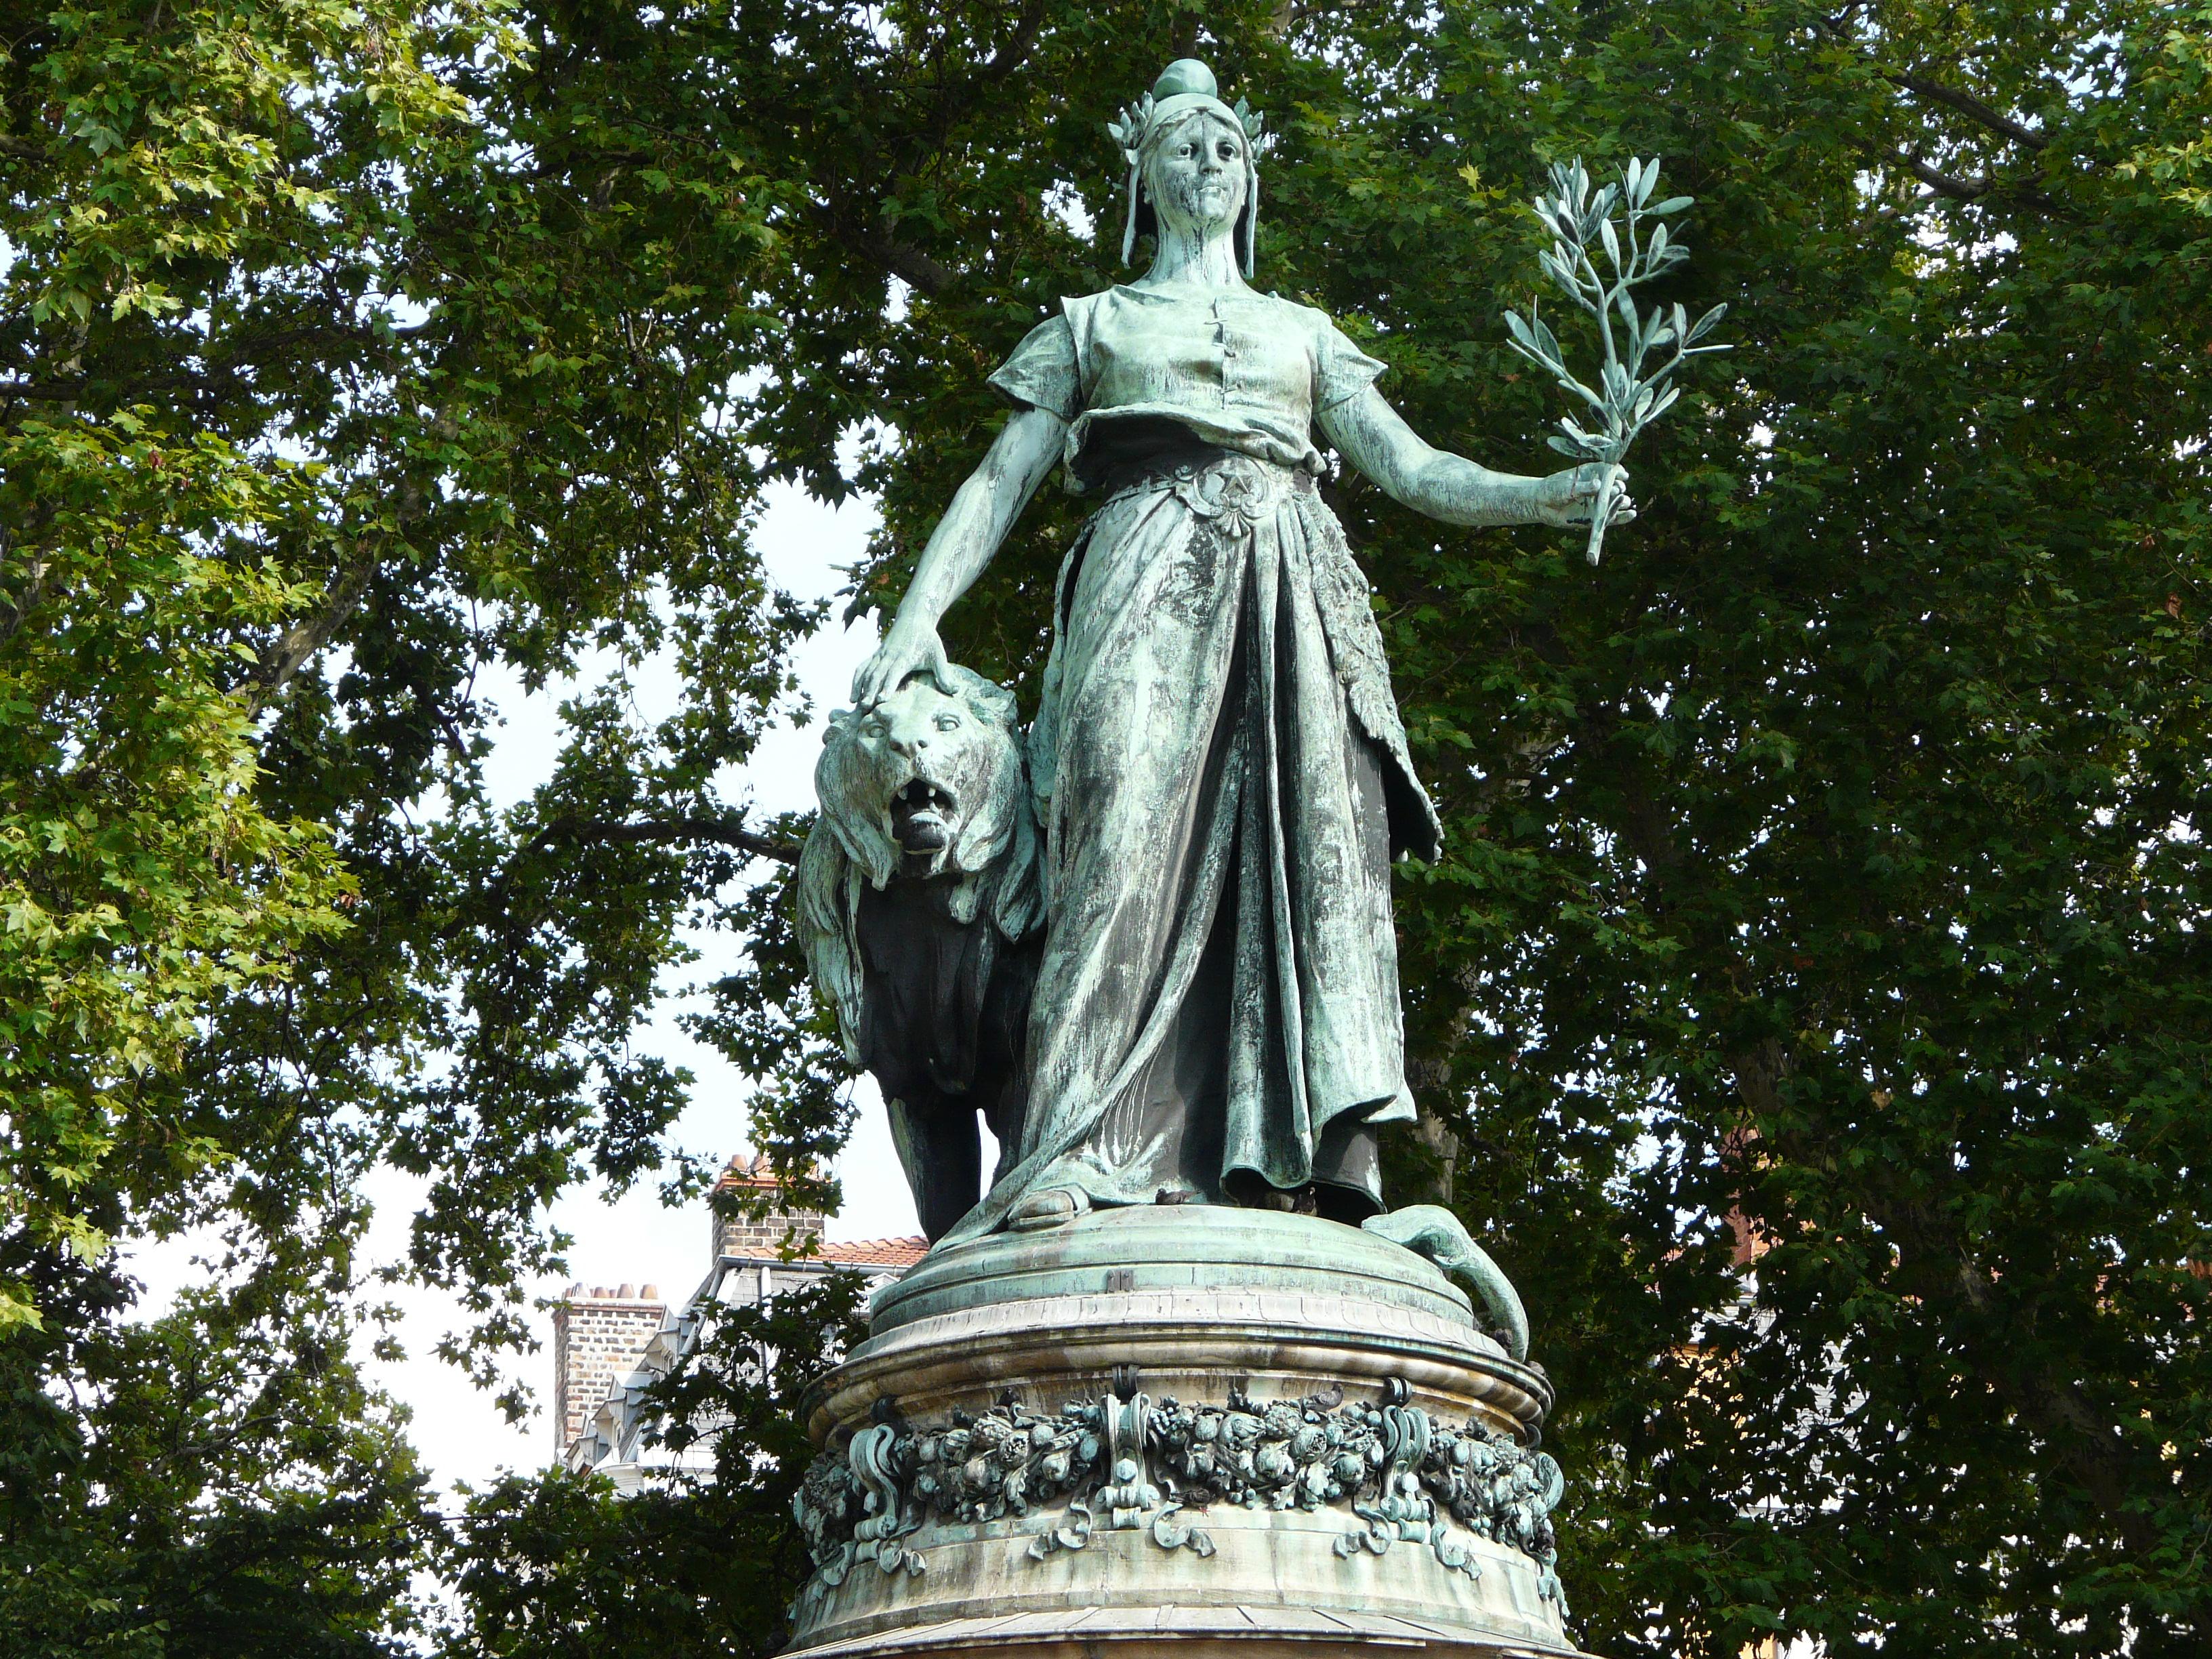 [Jeu] Association d'images - Page 5 Statue_de_Marianne_Place_Carnot